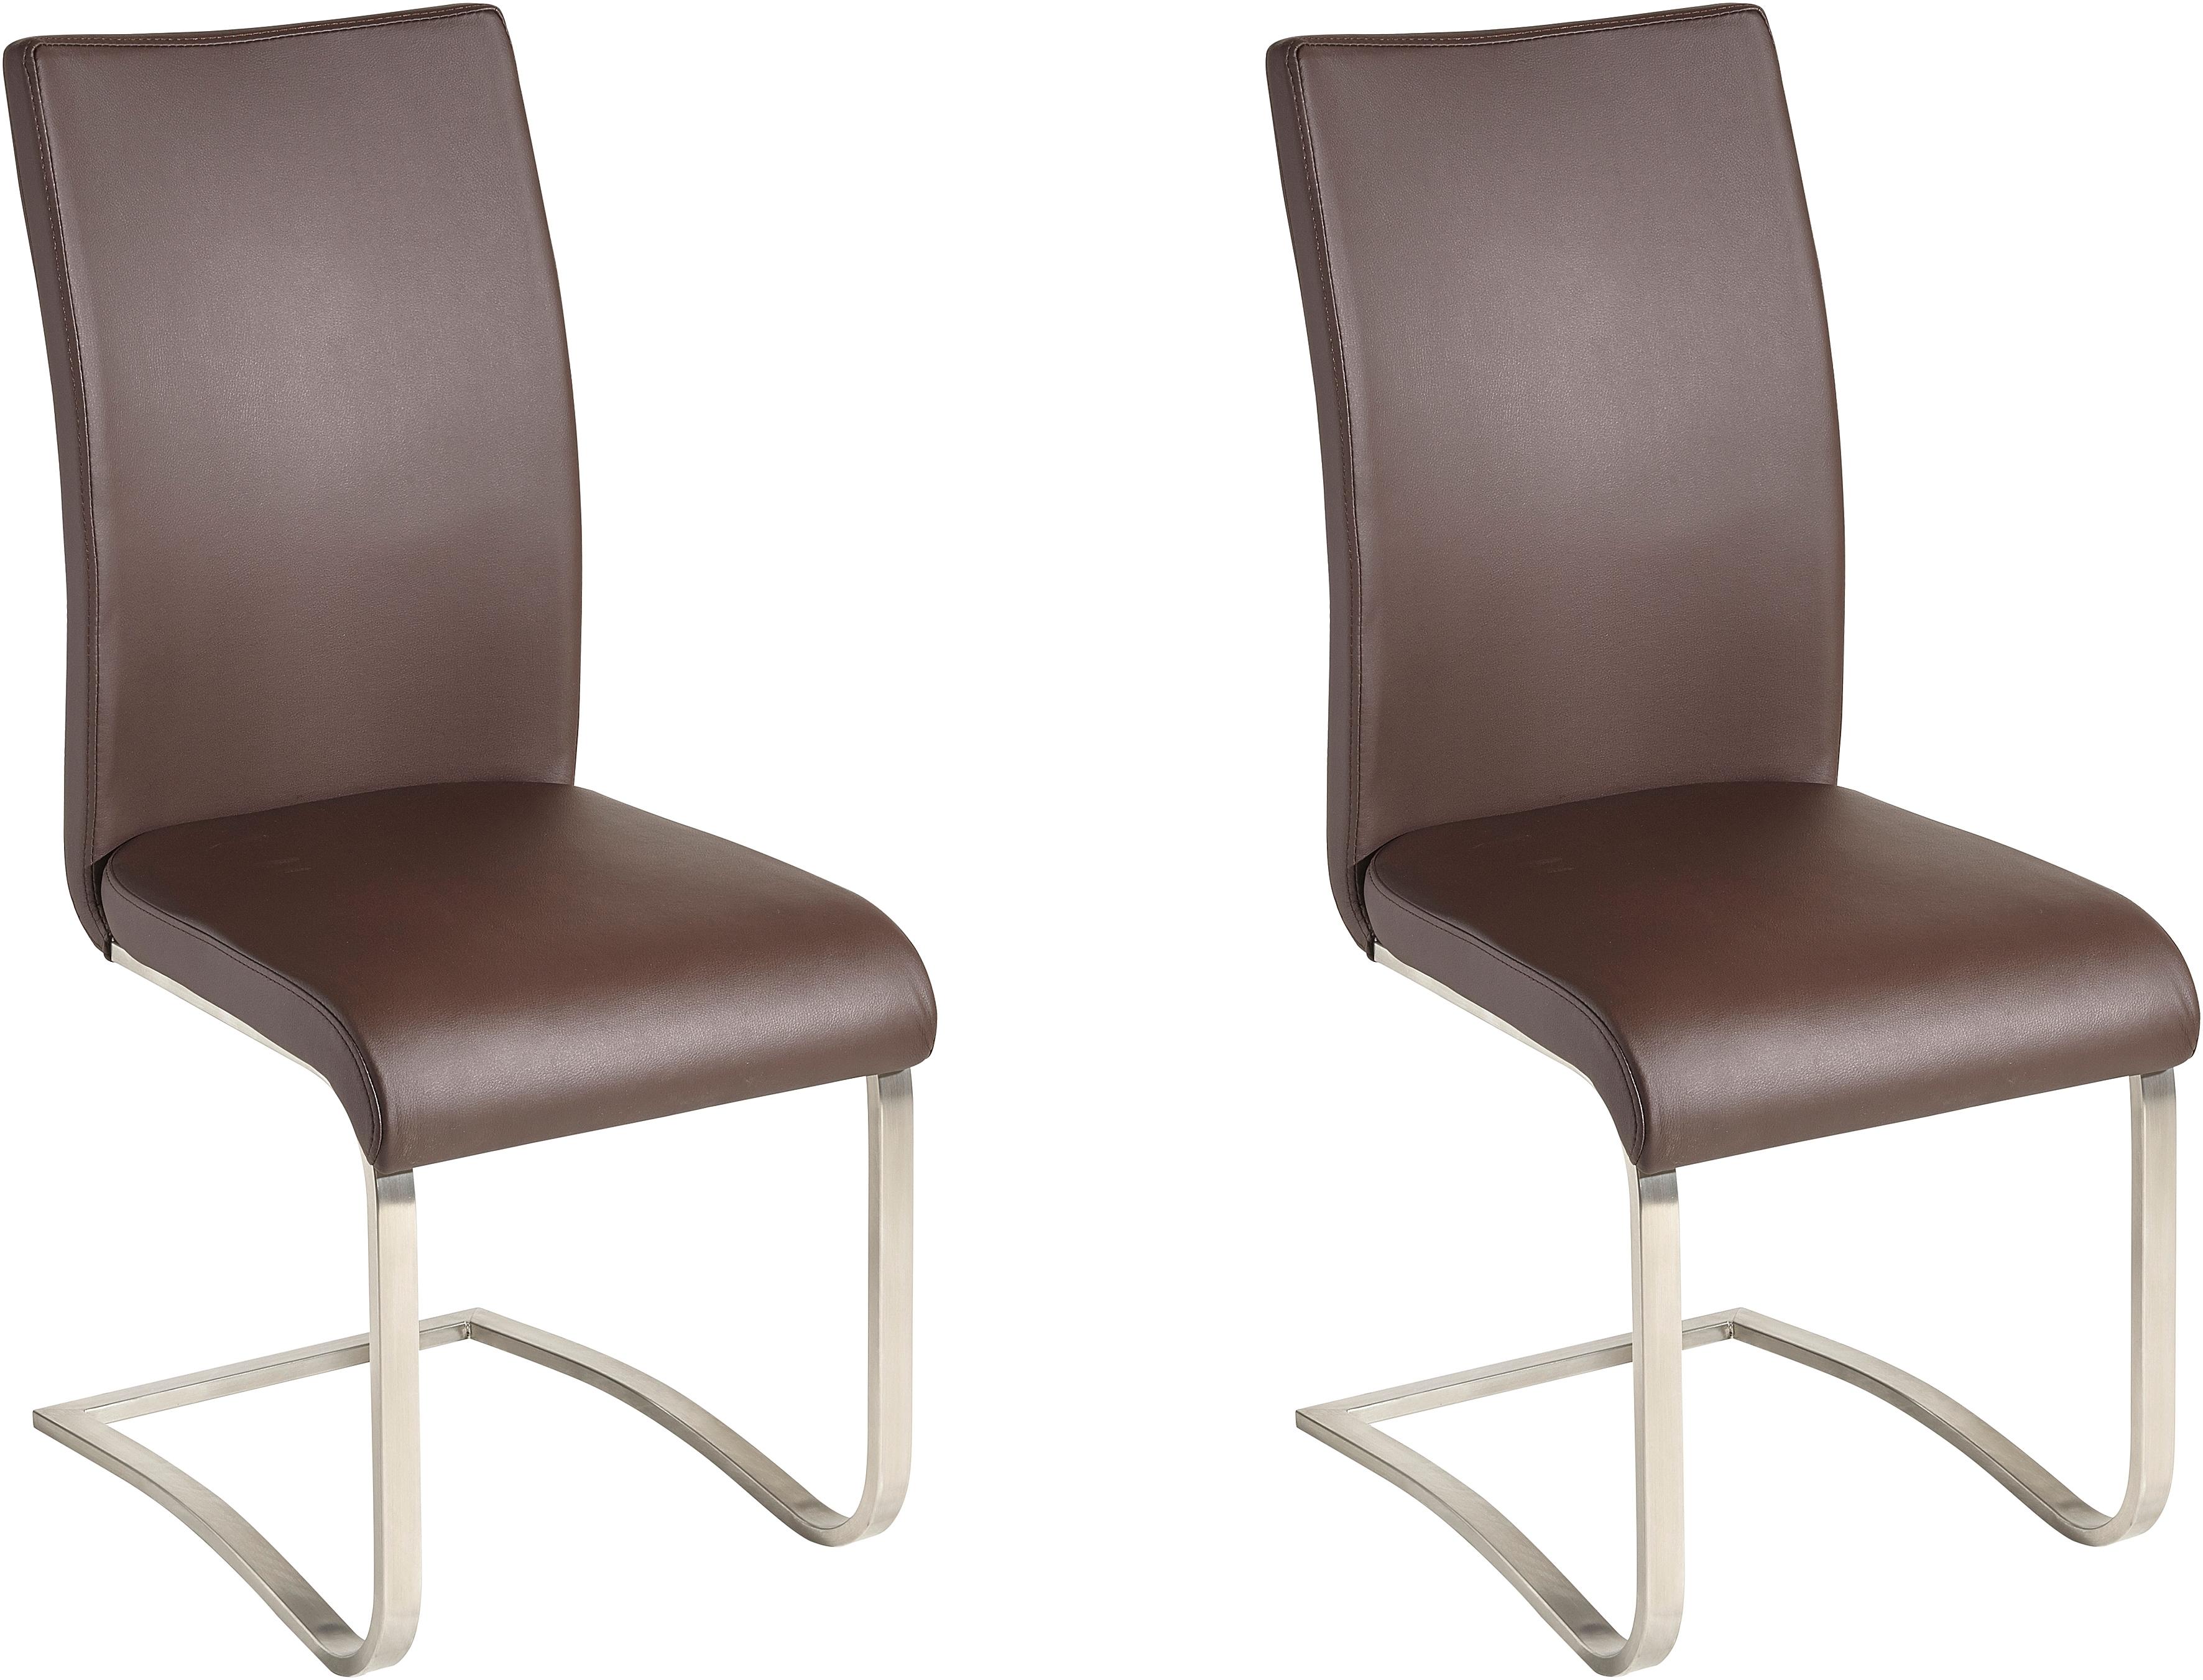 Mca Furniture Vrijdragende stoel in set van 2 bestellen: 30 dagen bedenktijd